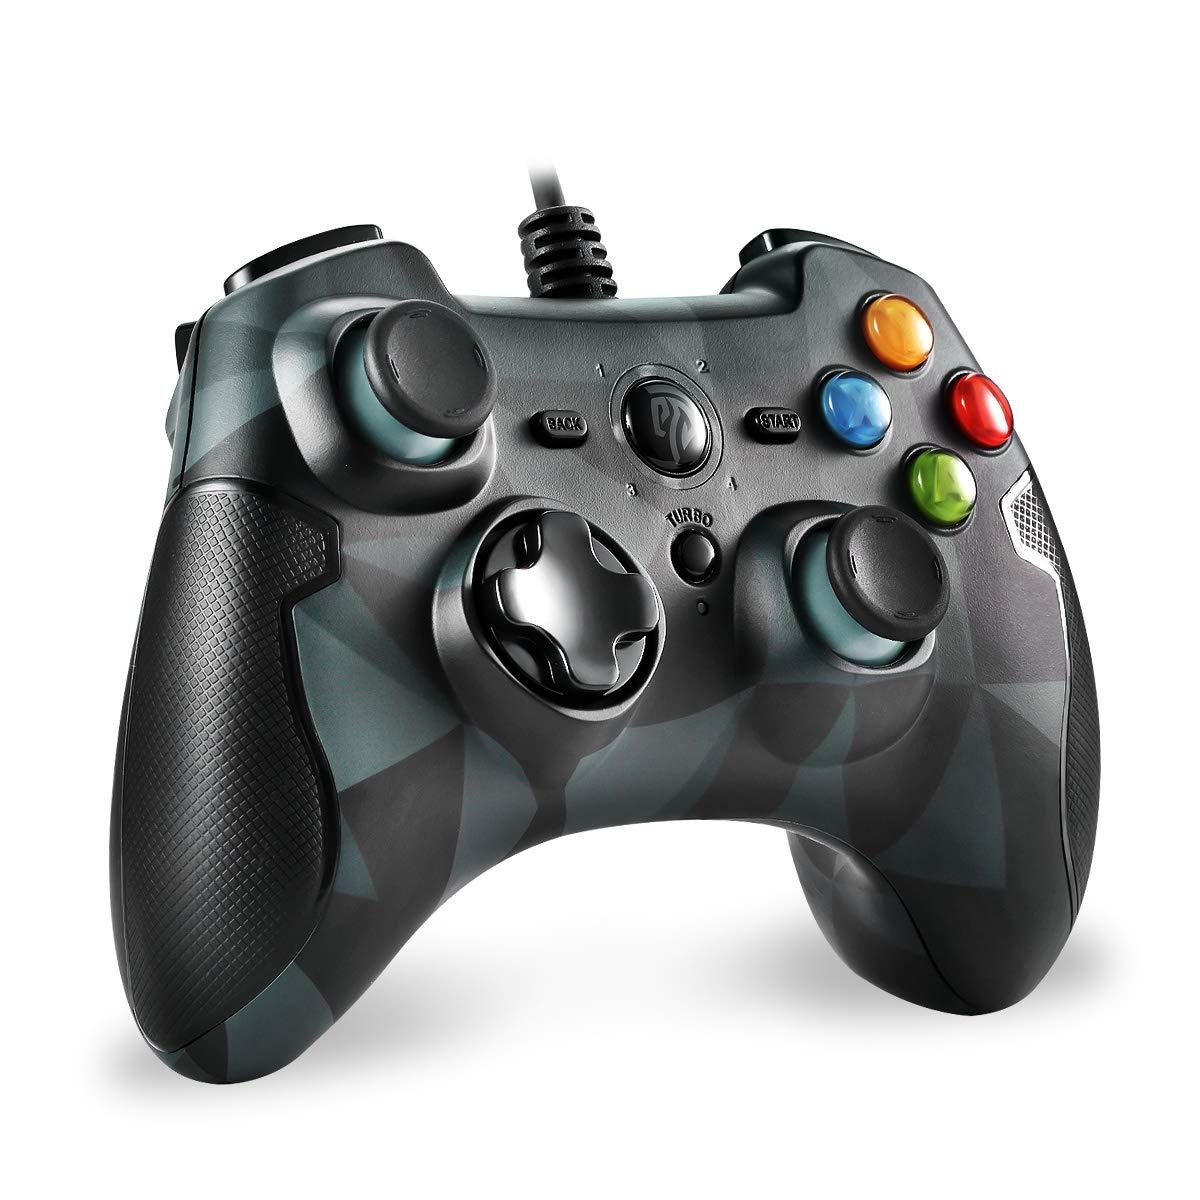 EasySMX Controller Joystick fü r Spiele mit Kabel mit Dual-Vibration, Turbo und Fronttasten fü r Windows/Android / PS3 / TV Box (Grau) ESM-9100-Gray